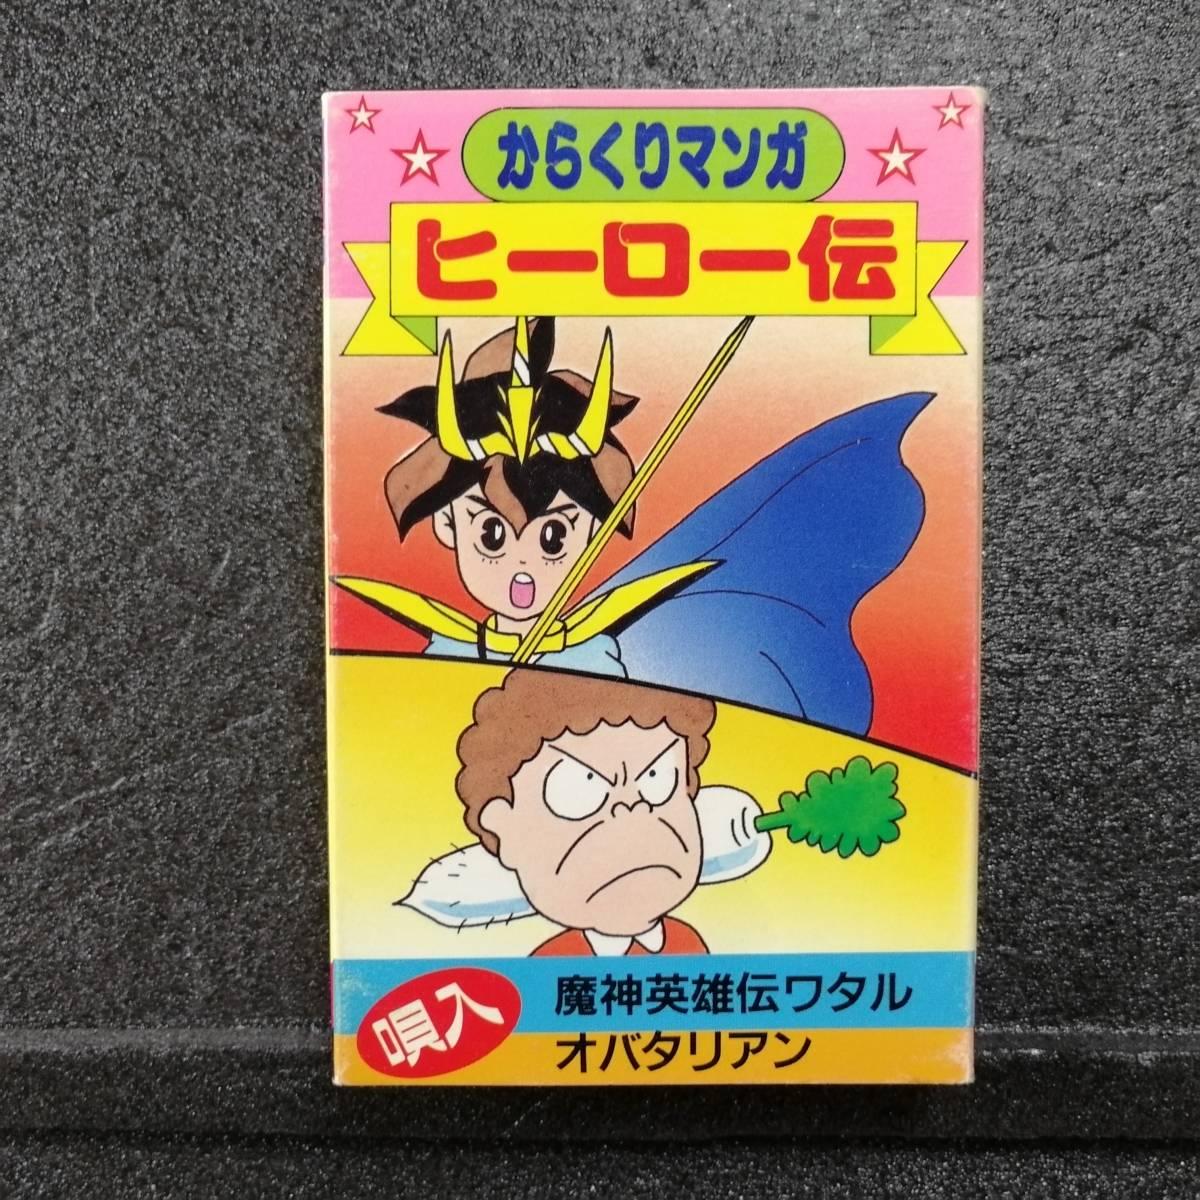 кассетная лента из .. manga (манга) герой . Mashin Eiyuuden Wataru весь ta Lien